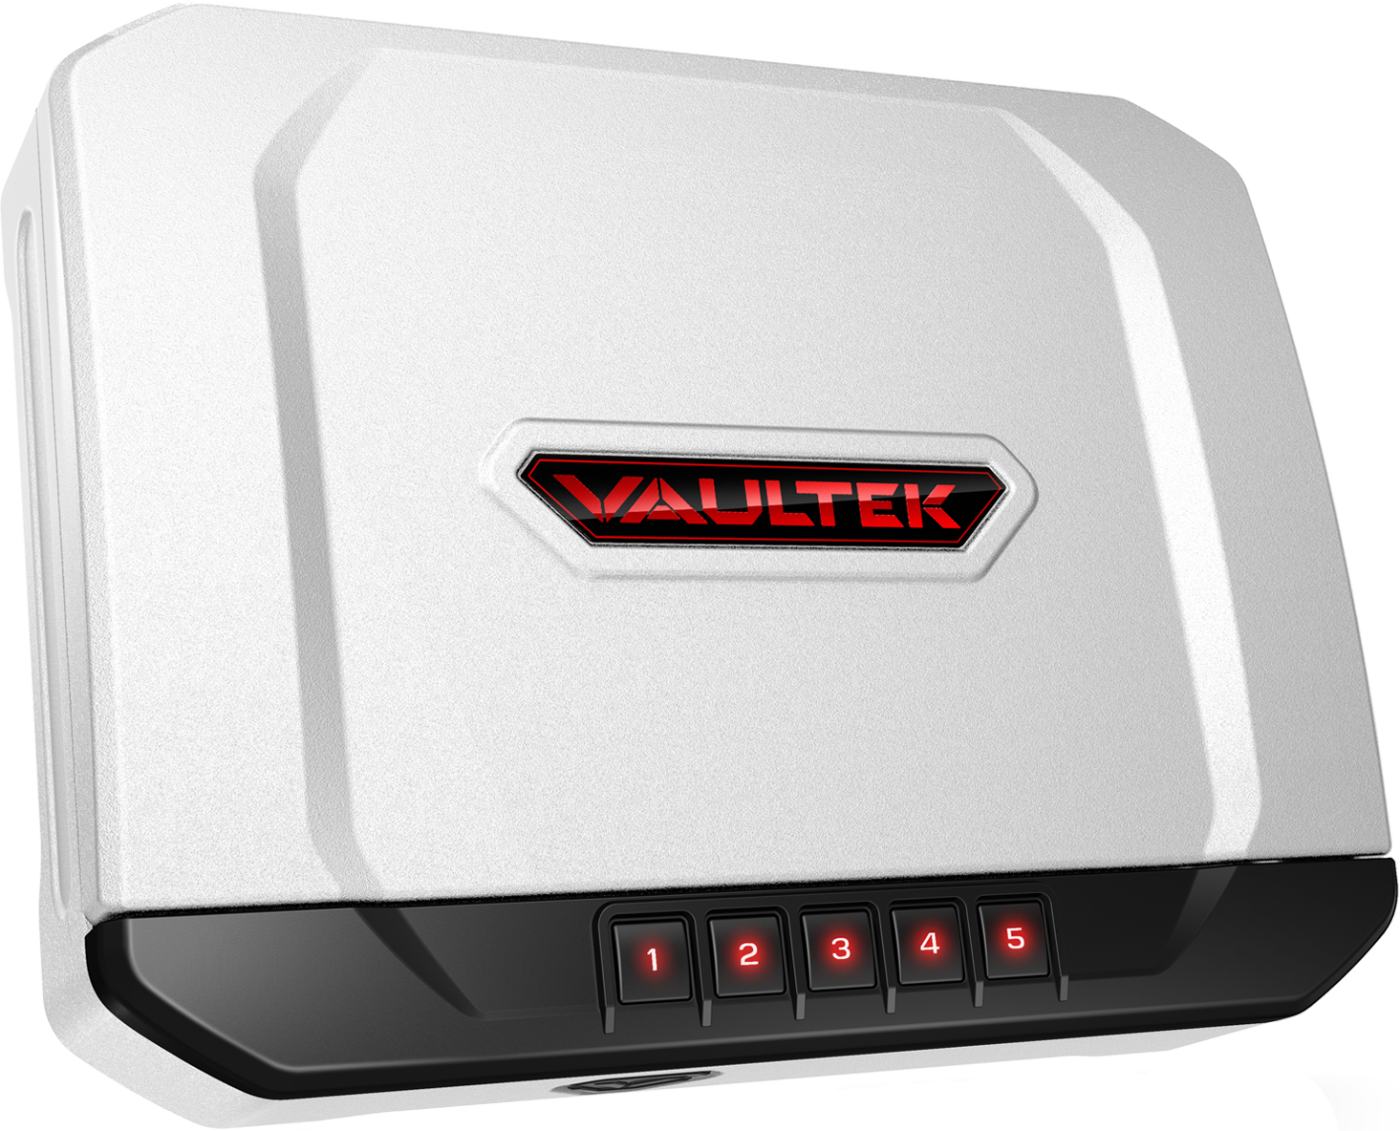 VAULTEK VT20